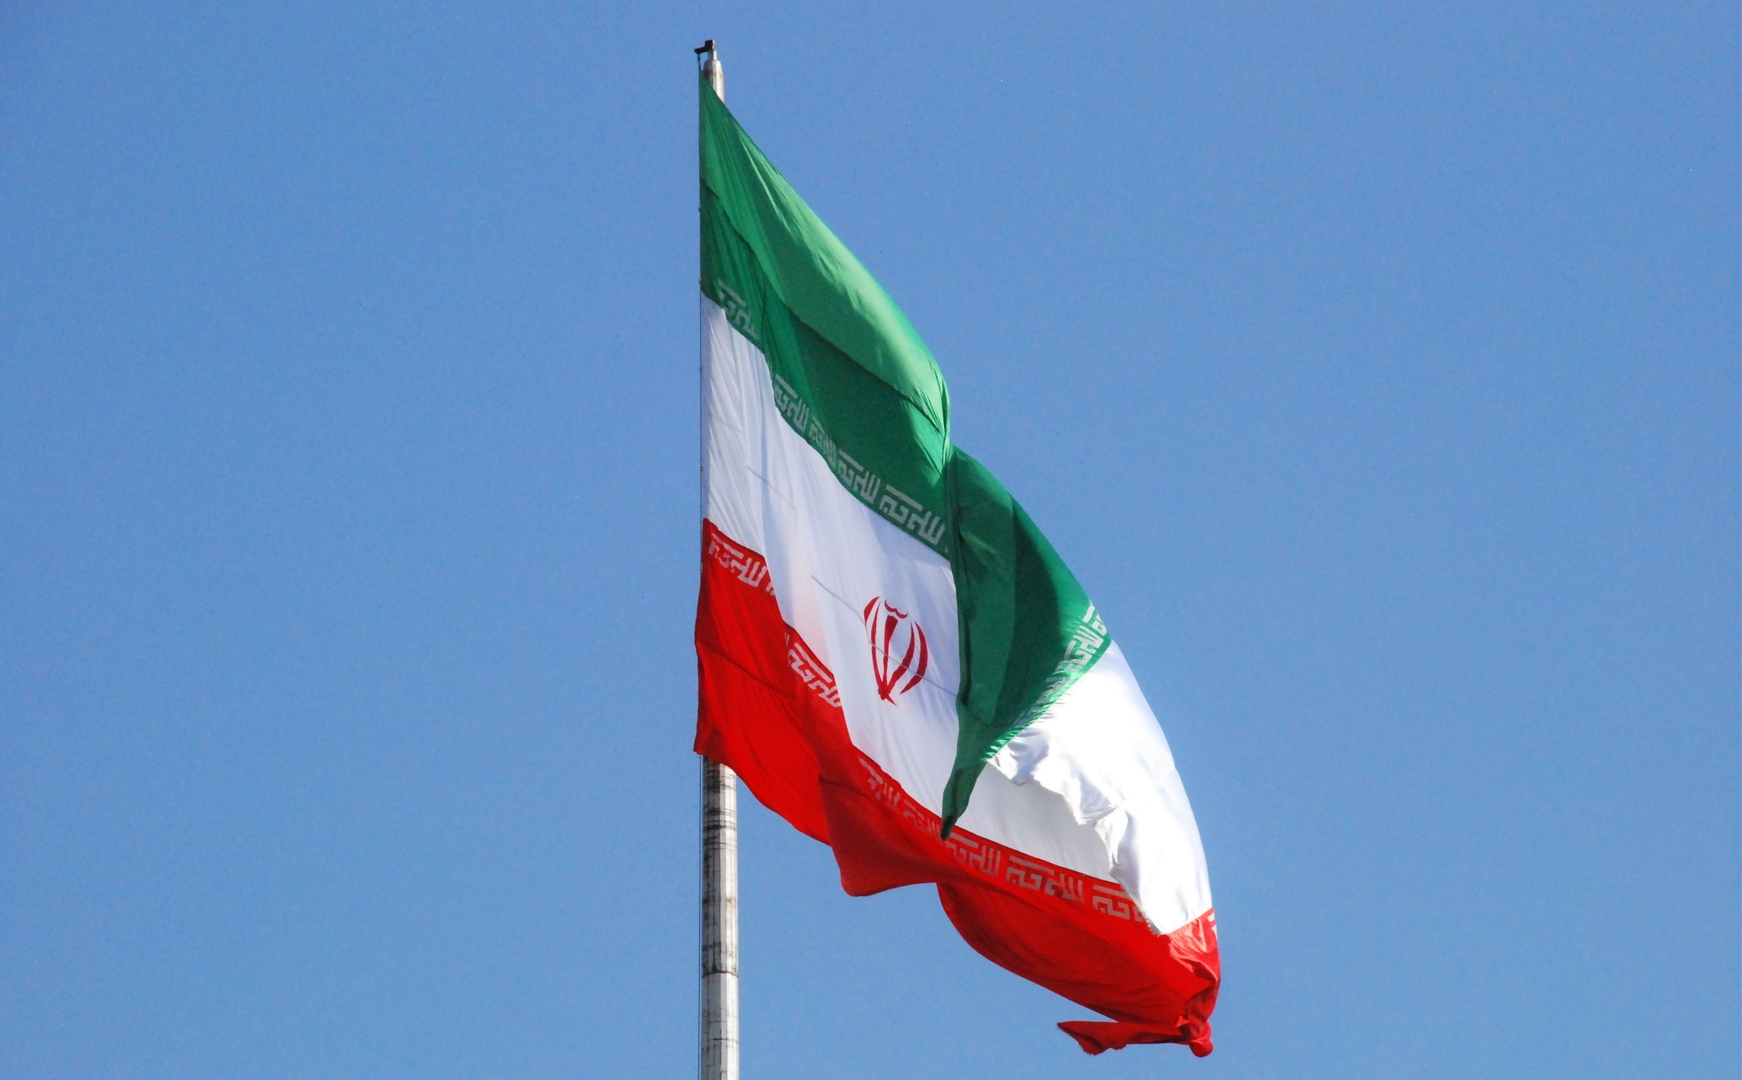 محكمة إيرانية توجه تهم القتل لـ37 شخصية أمريكية بينهم ترامب وأوباما